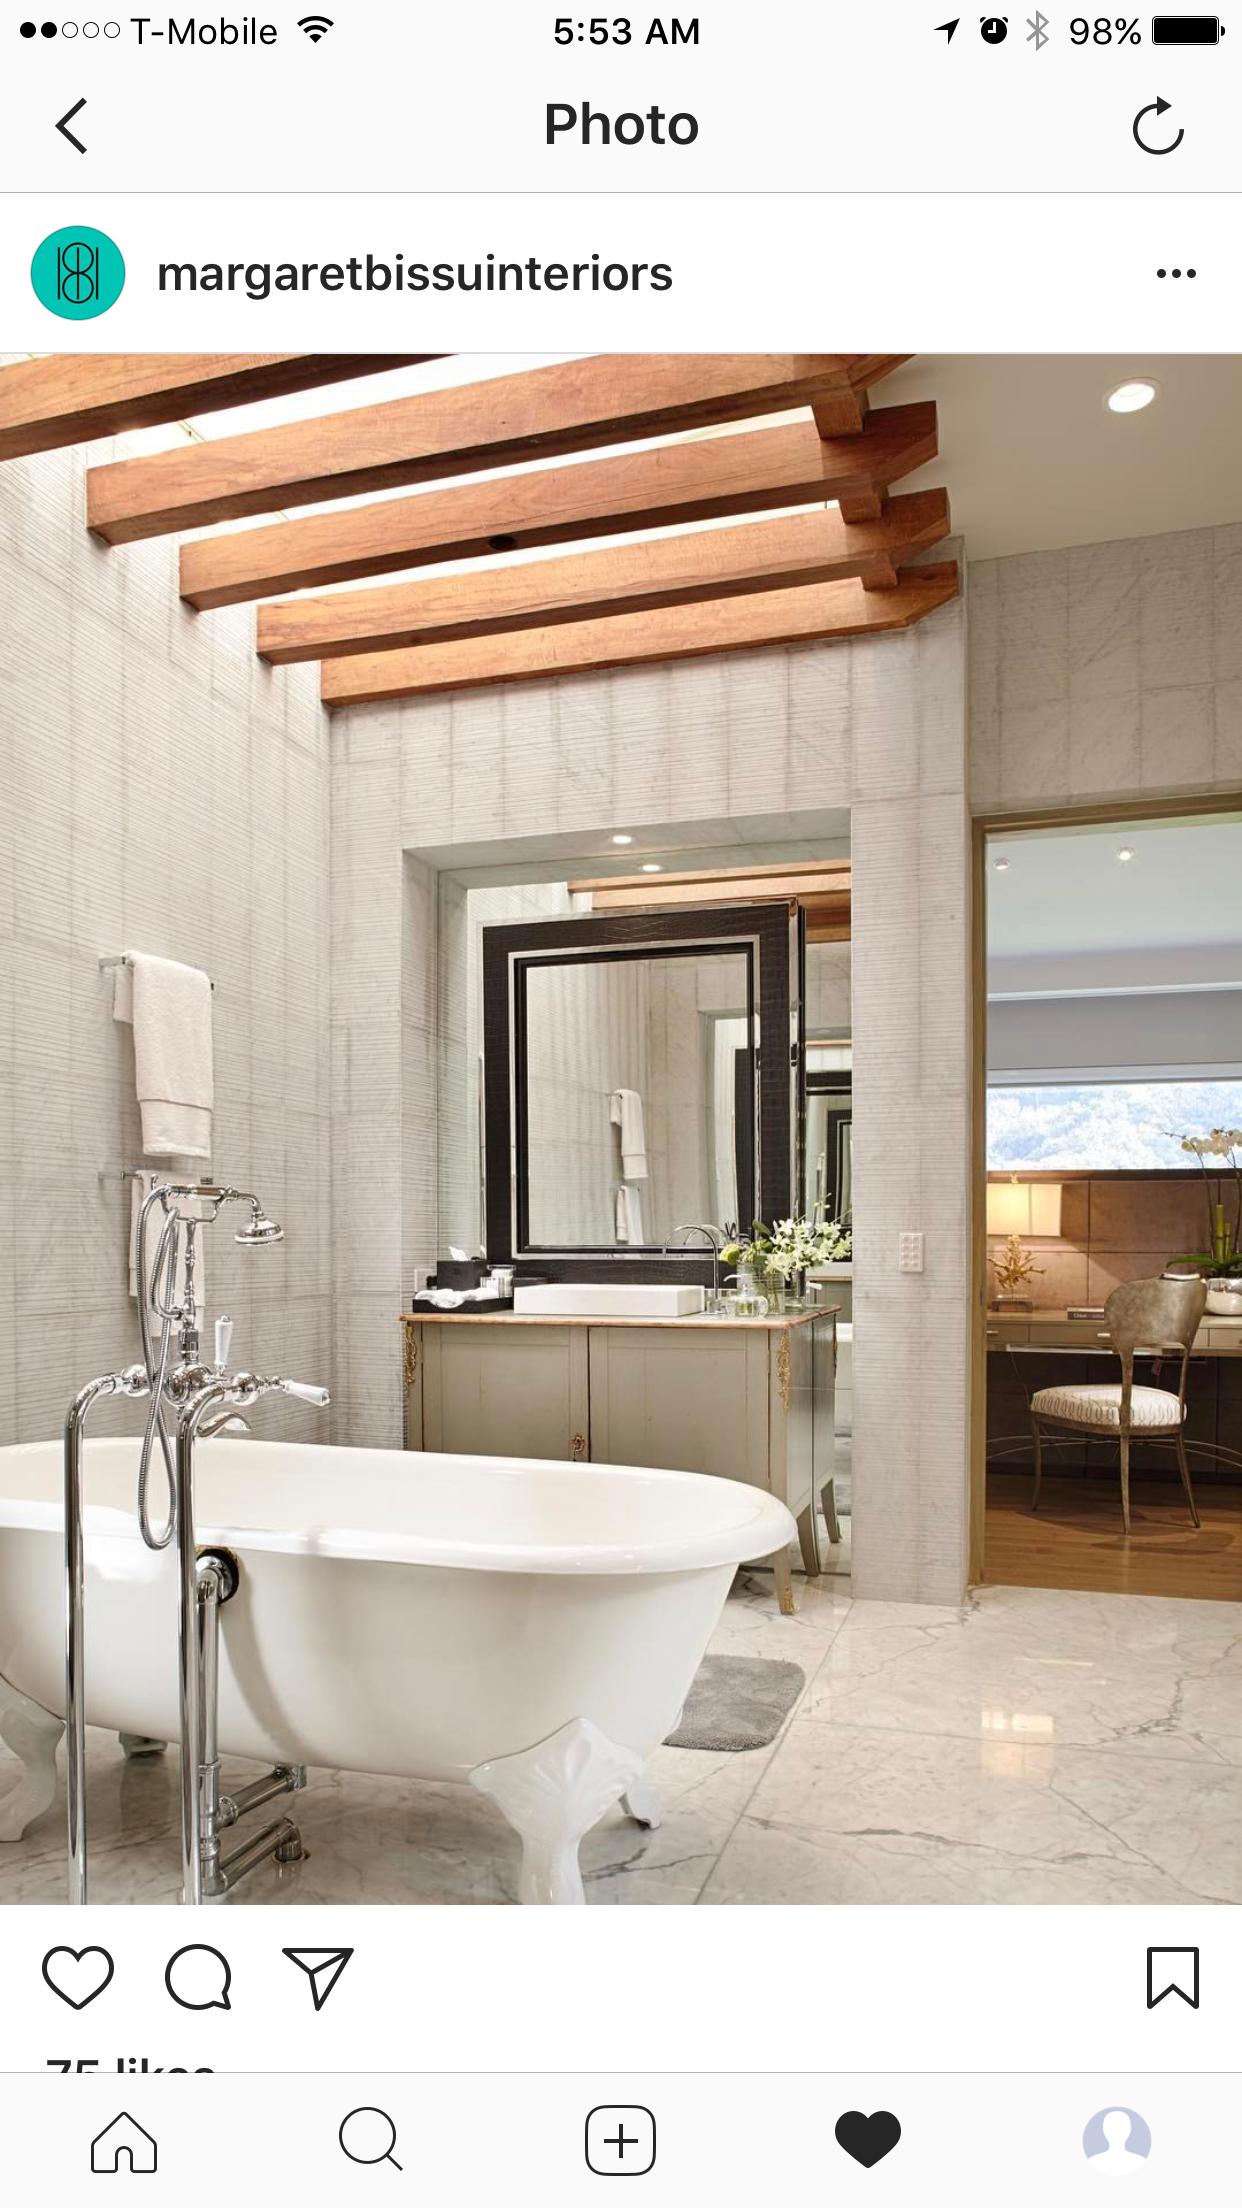 mirror with images  master bath bath bathtub